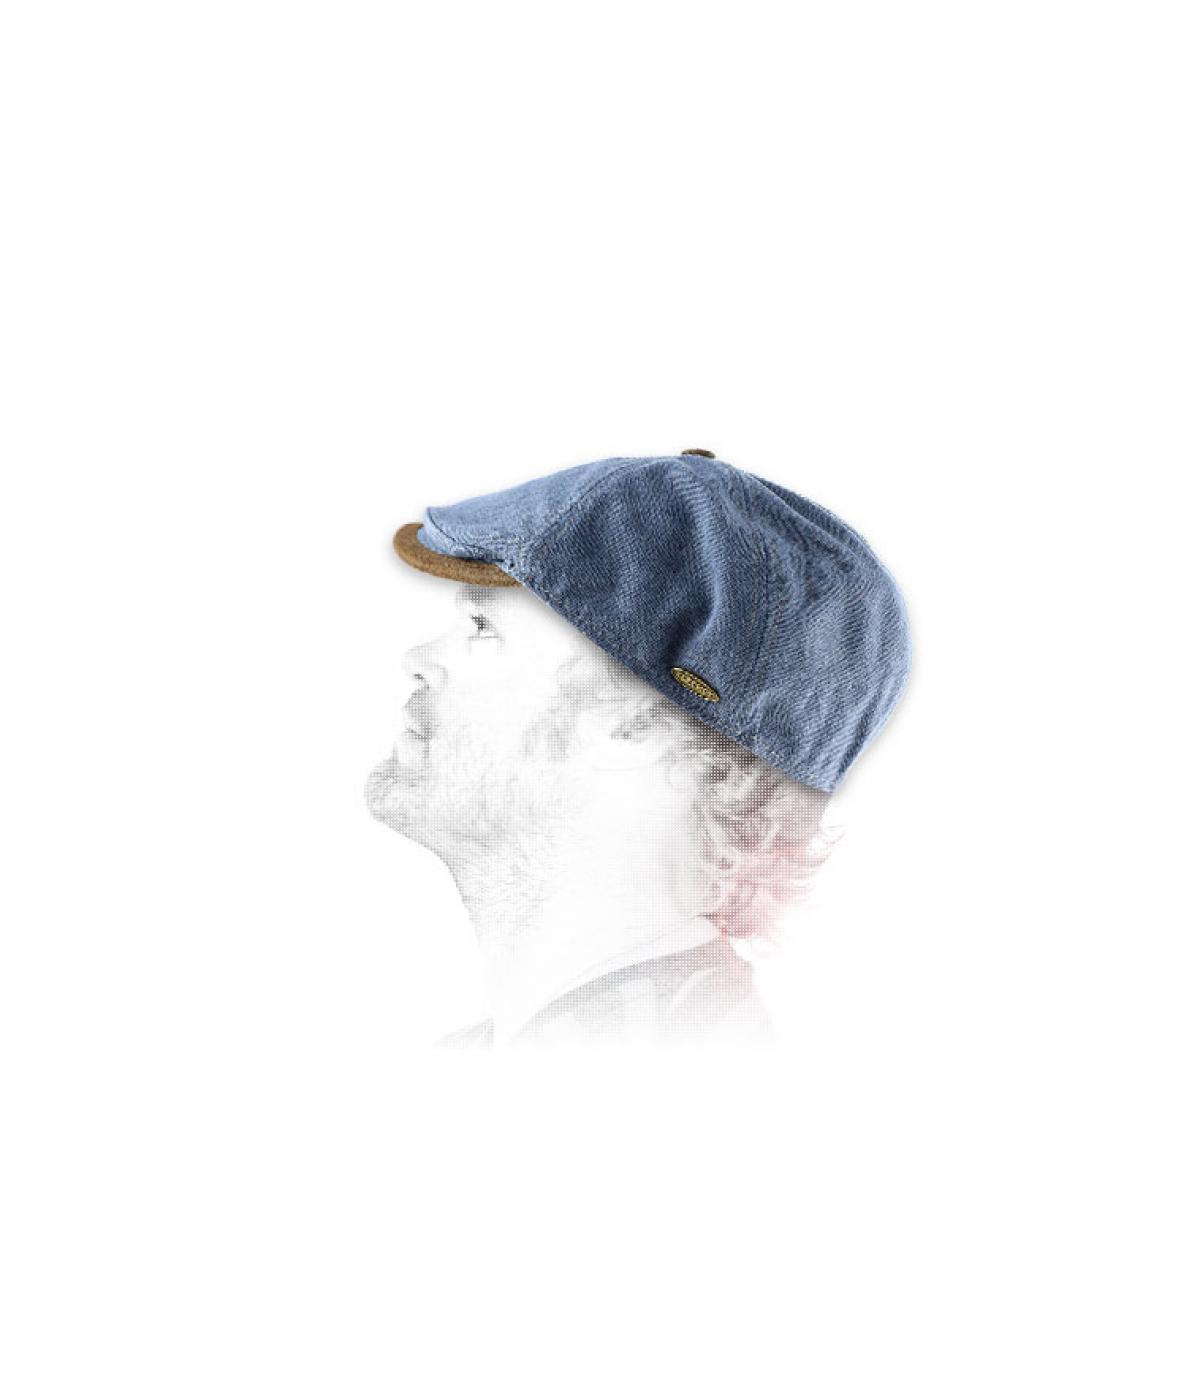 Flechet denim flat cap